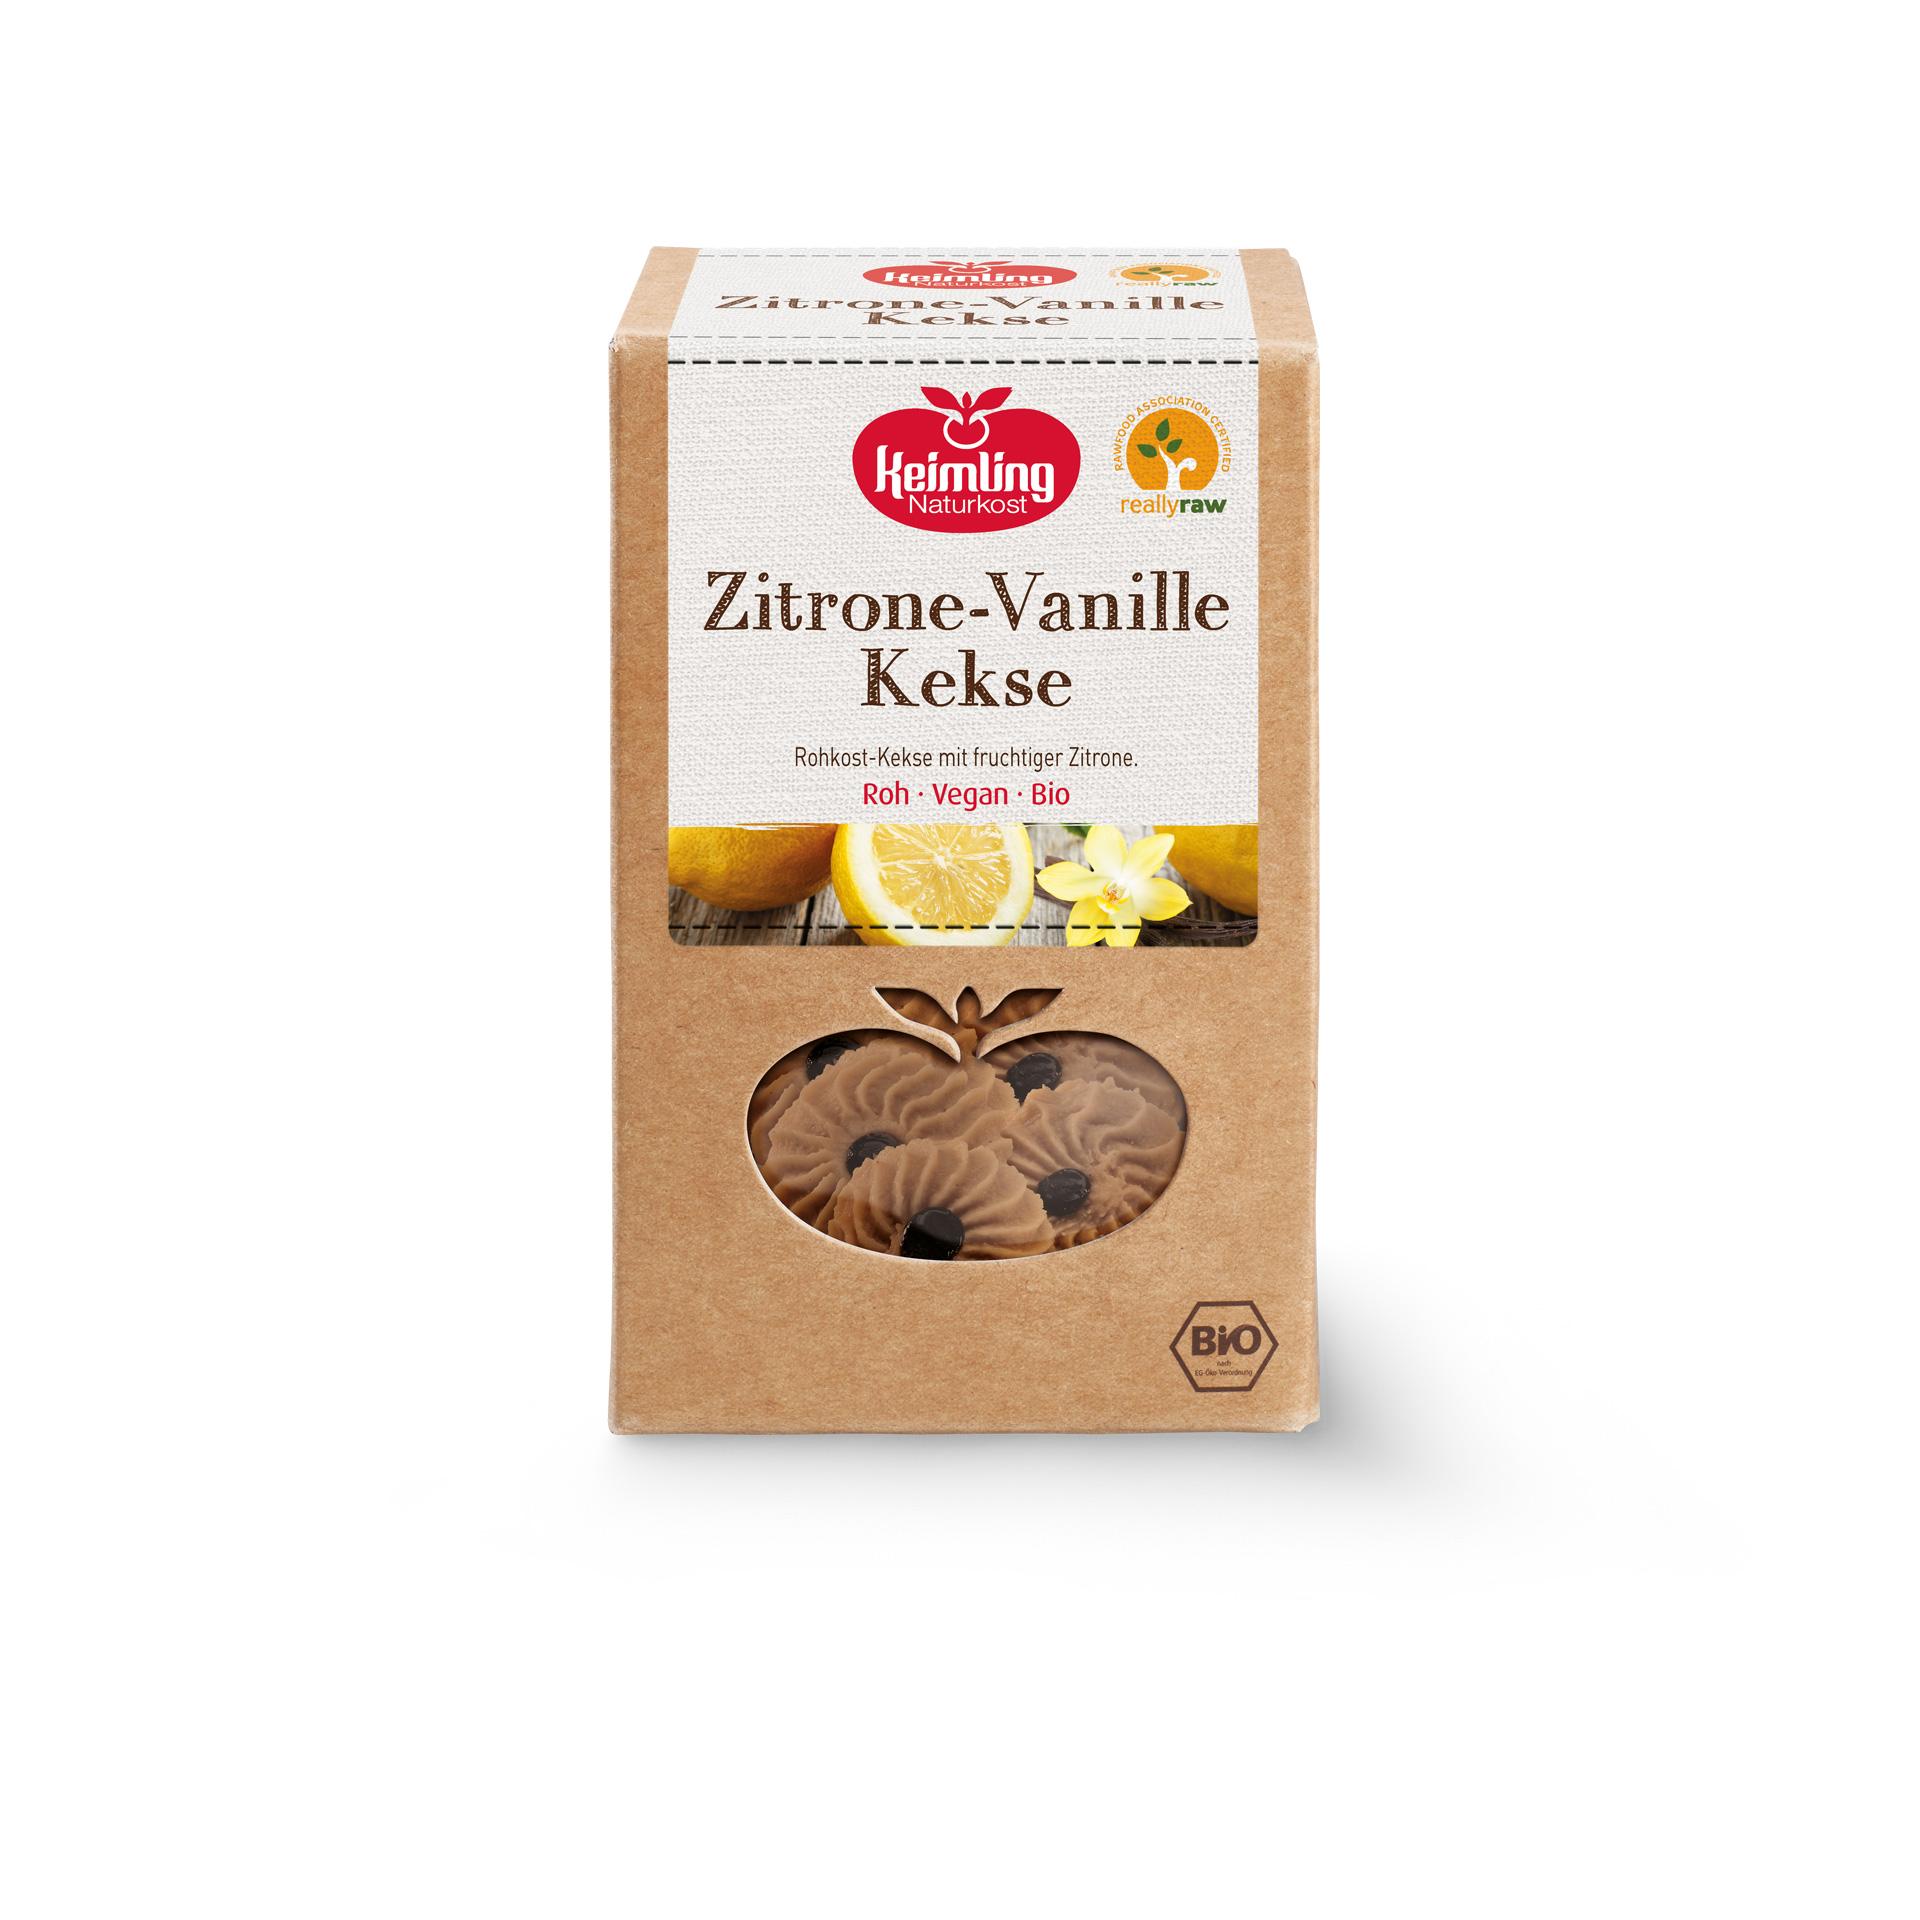 Zitrone-Vanille Kekse von Keimling Naturkost, really-raw zertifiziert